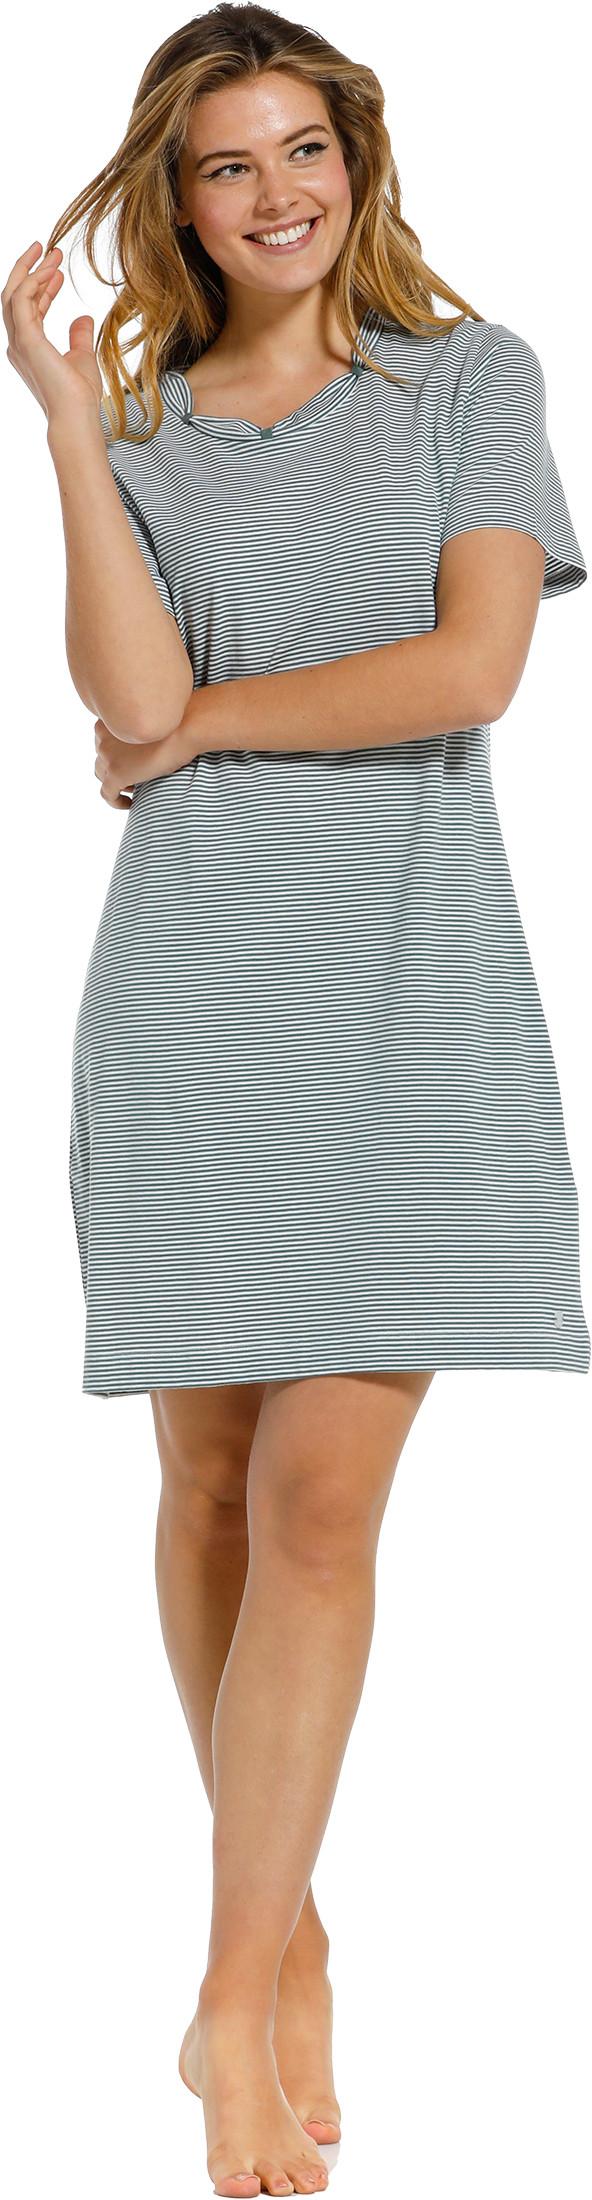 Dames nachthemd Pastunette 10211-136-2-38